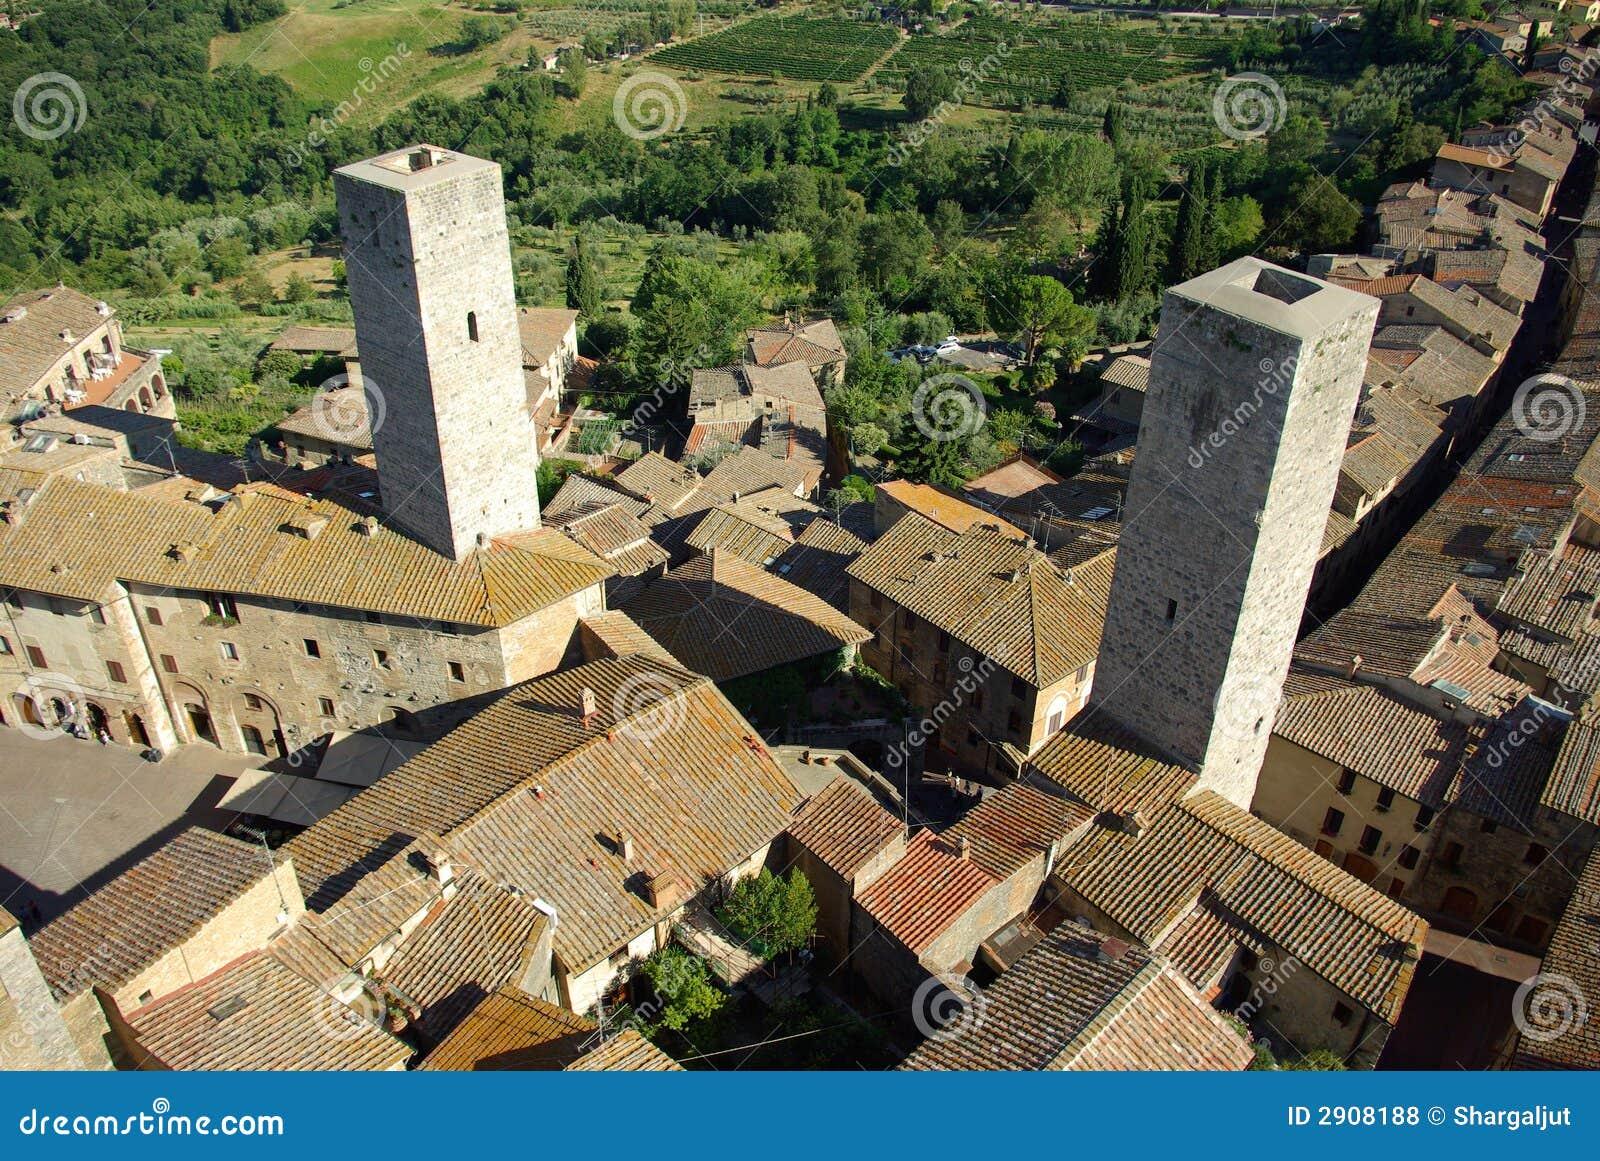 Gimignano italy san tuscany